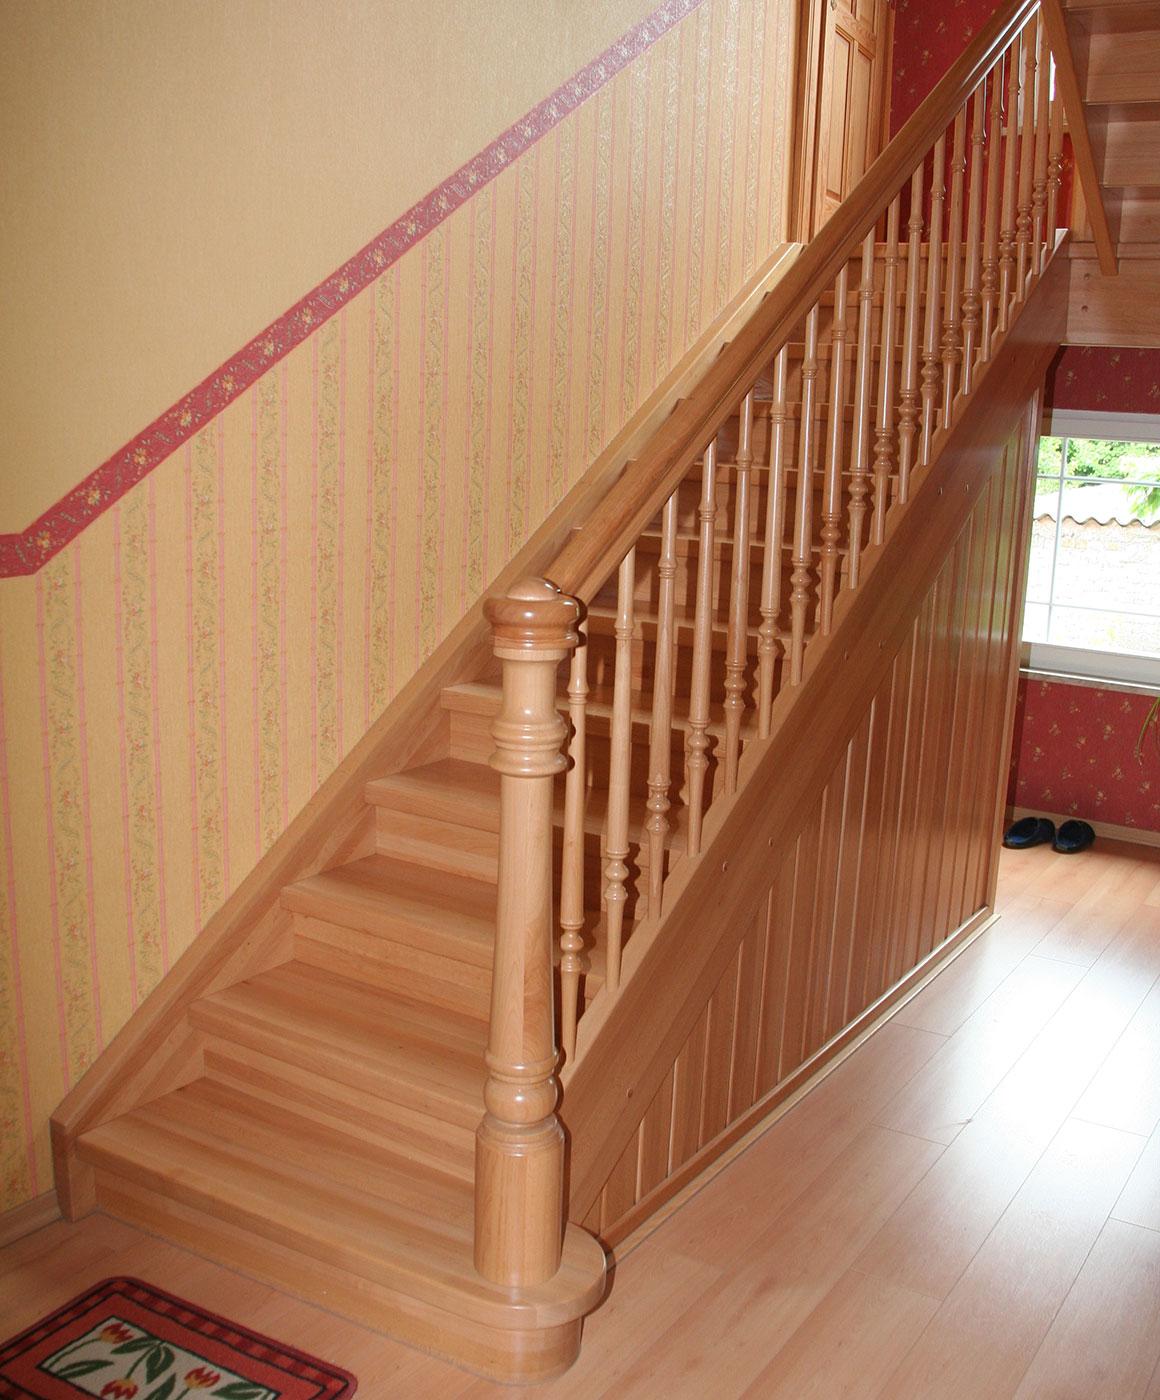 Geschlossene Treppen treppen roland plz 15306 vierlinden geschlossene massivholztreppe finden sie treppenbauer